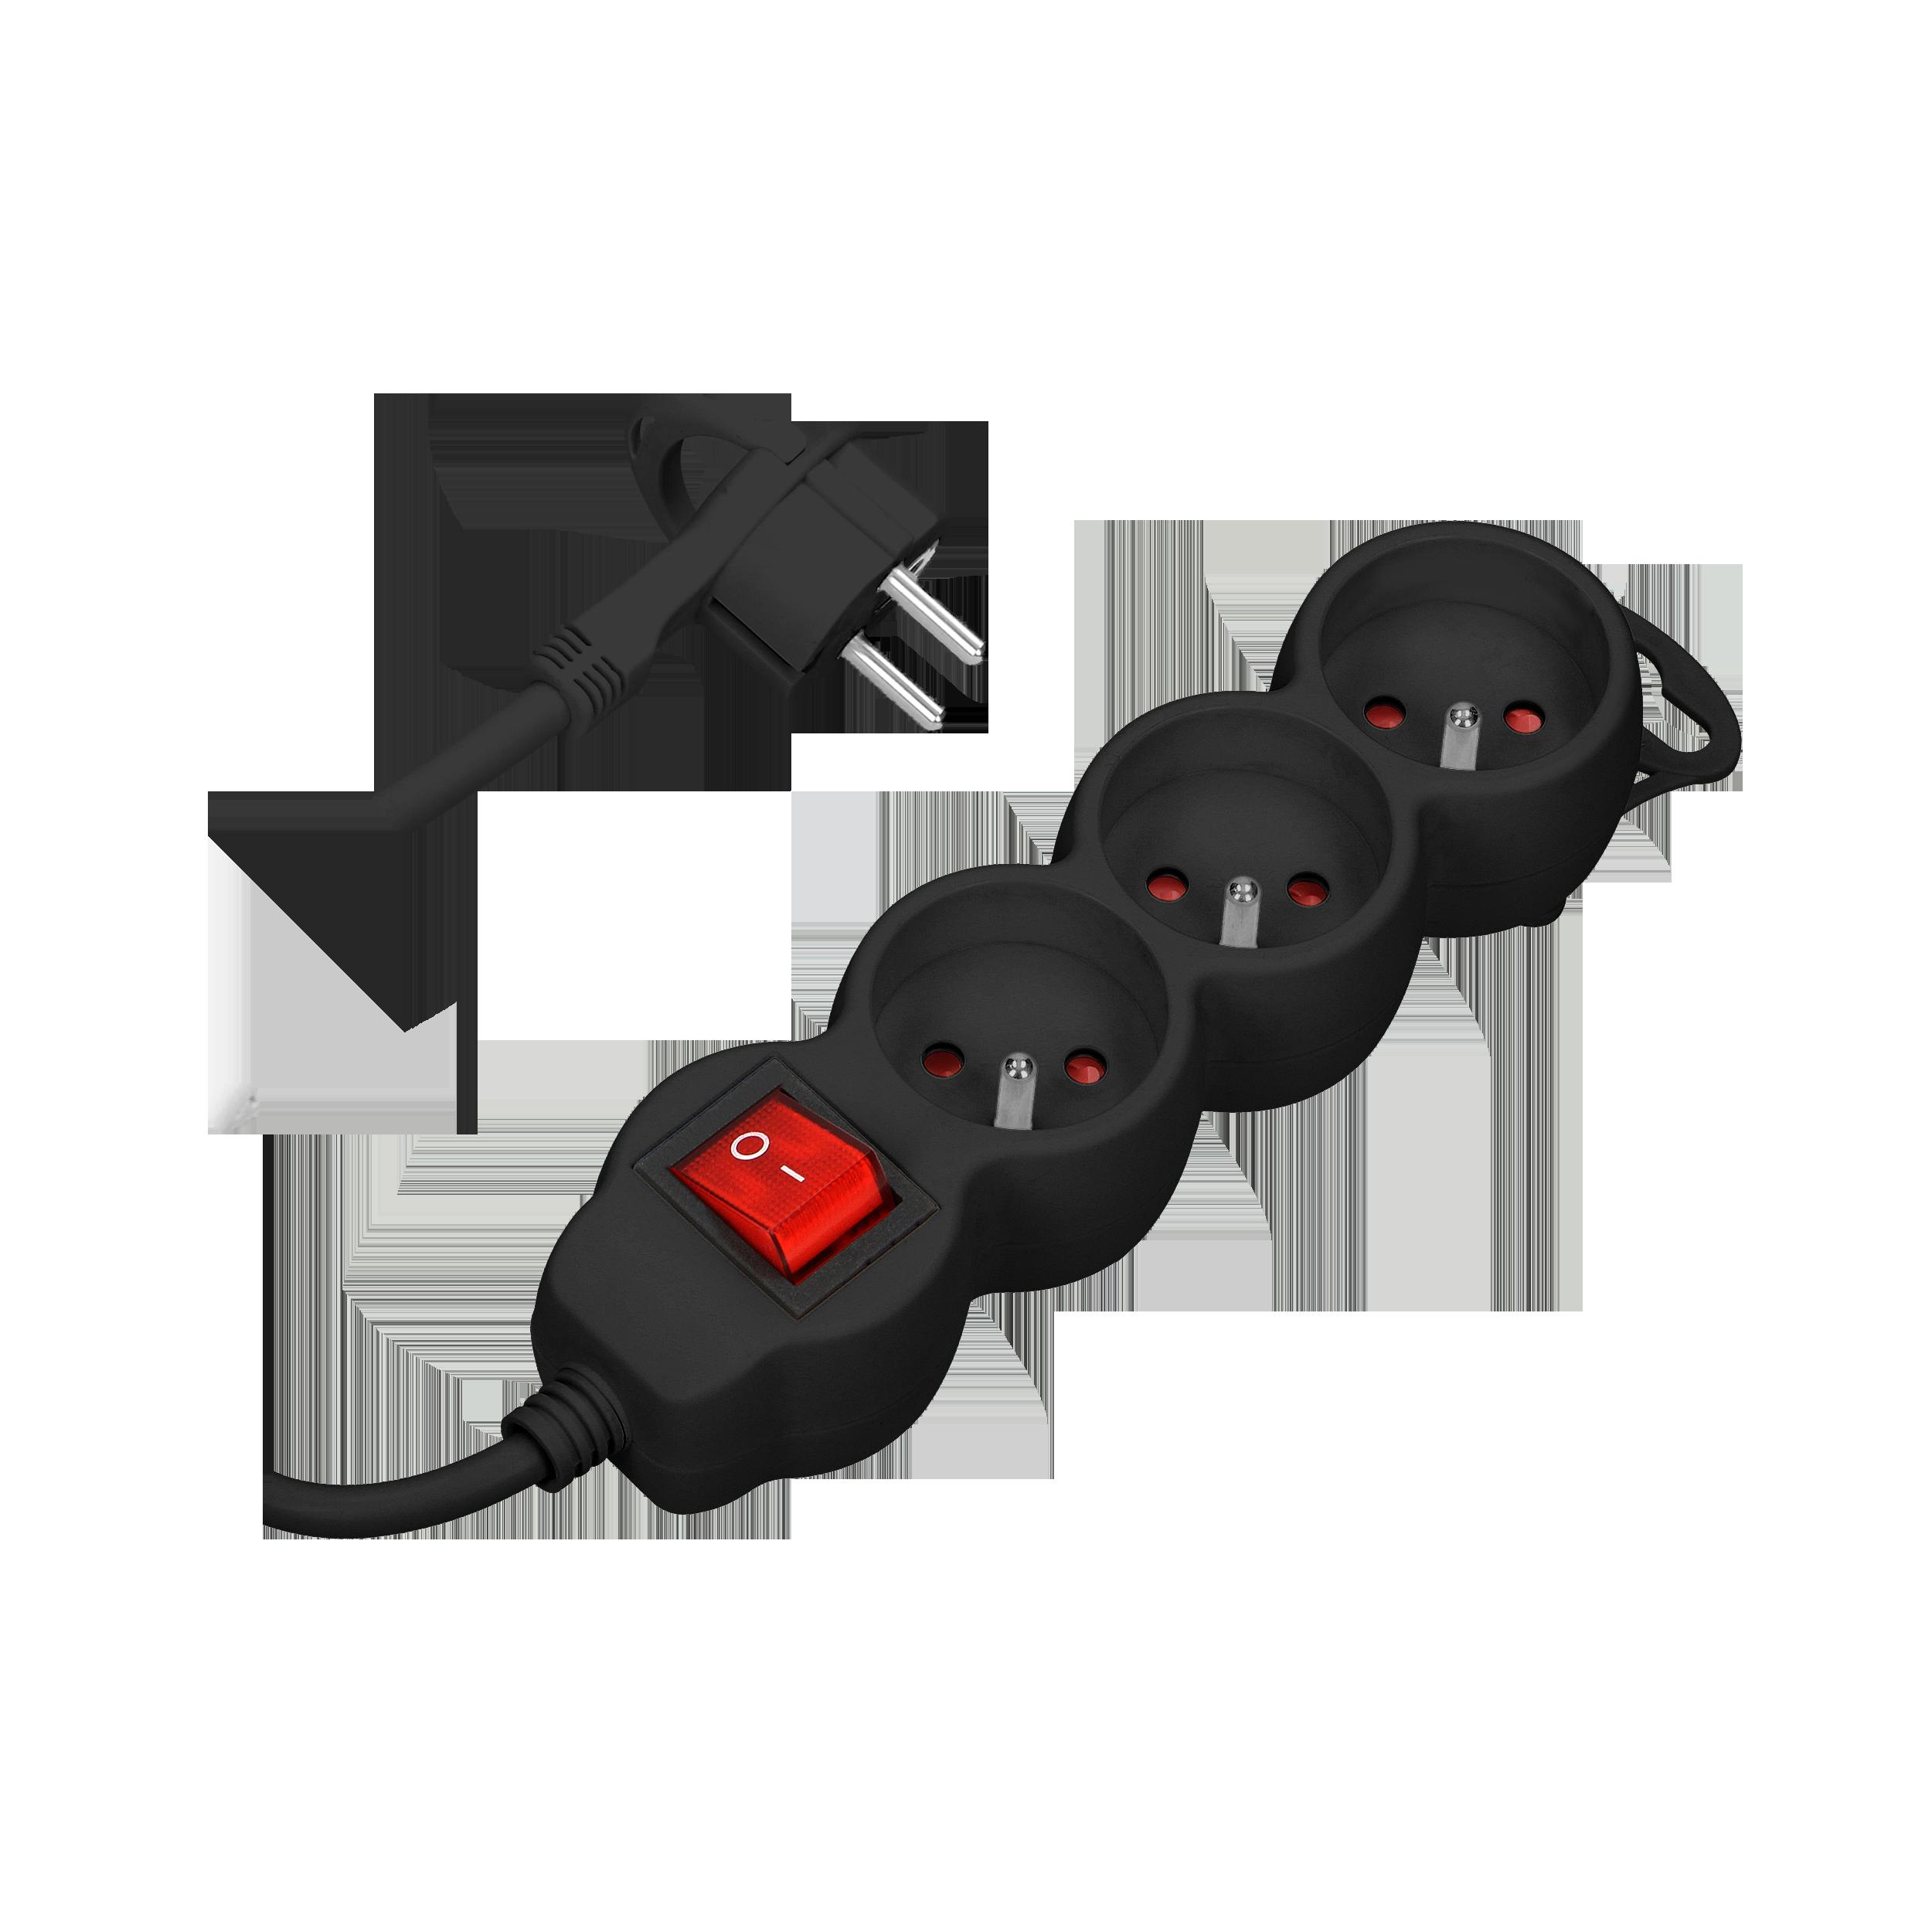 Przedłużacz 3-krotny 2P+Z z wyłącznikiem, 1,5m H05VV-F 3x1,0mm2, Imax=10A, płaska wtyczka, czarny